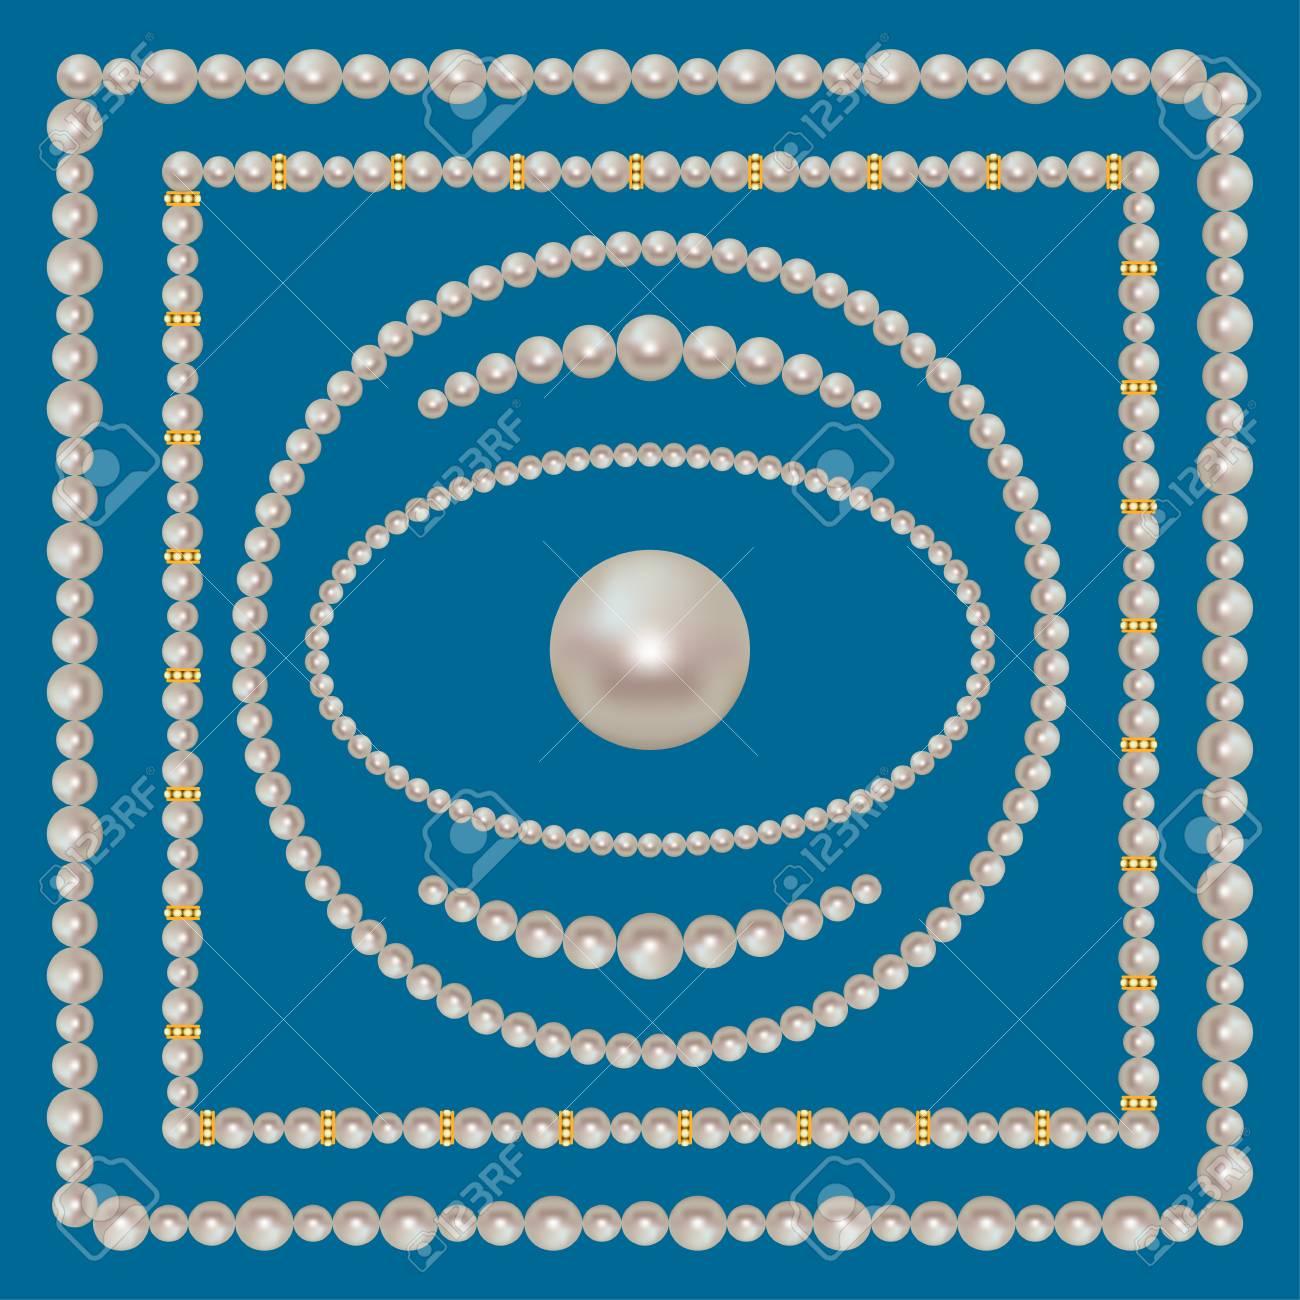 Perle Frames Set Auf Dem Blauen Hintergrund. Quadratischen Rahmen ...